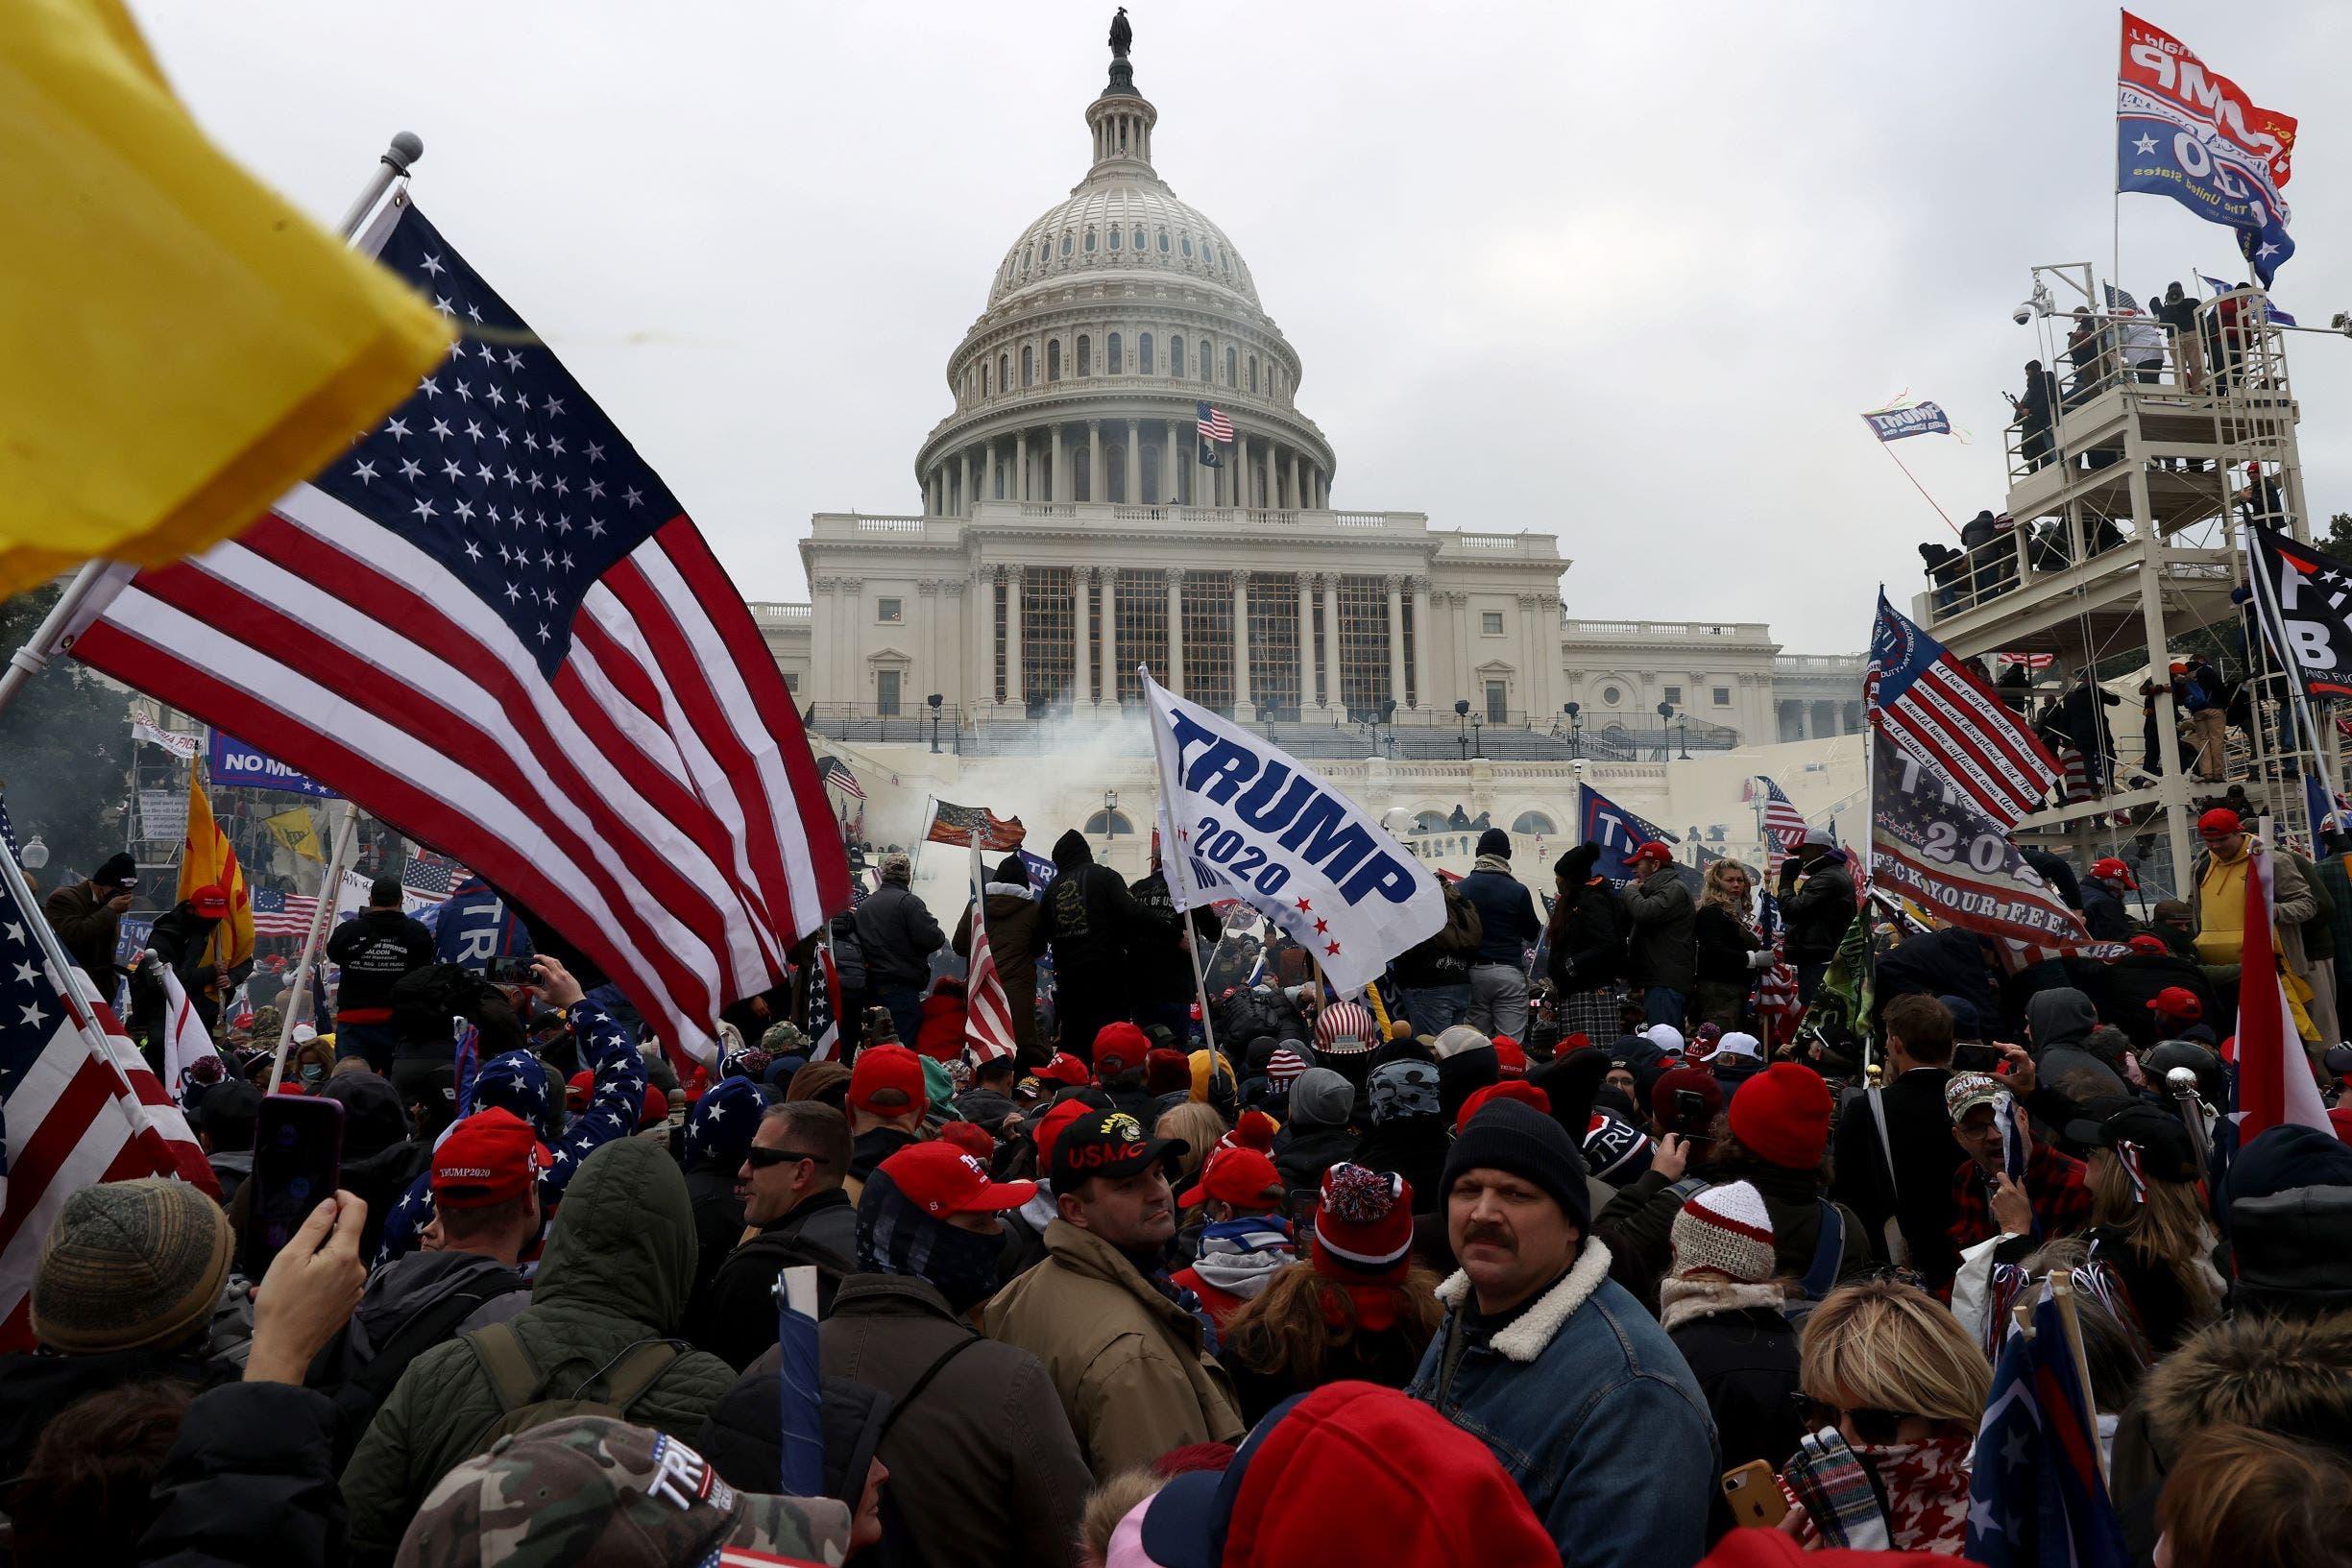 أنصار ترمب يقتحمون مبنى الكونغرس